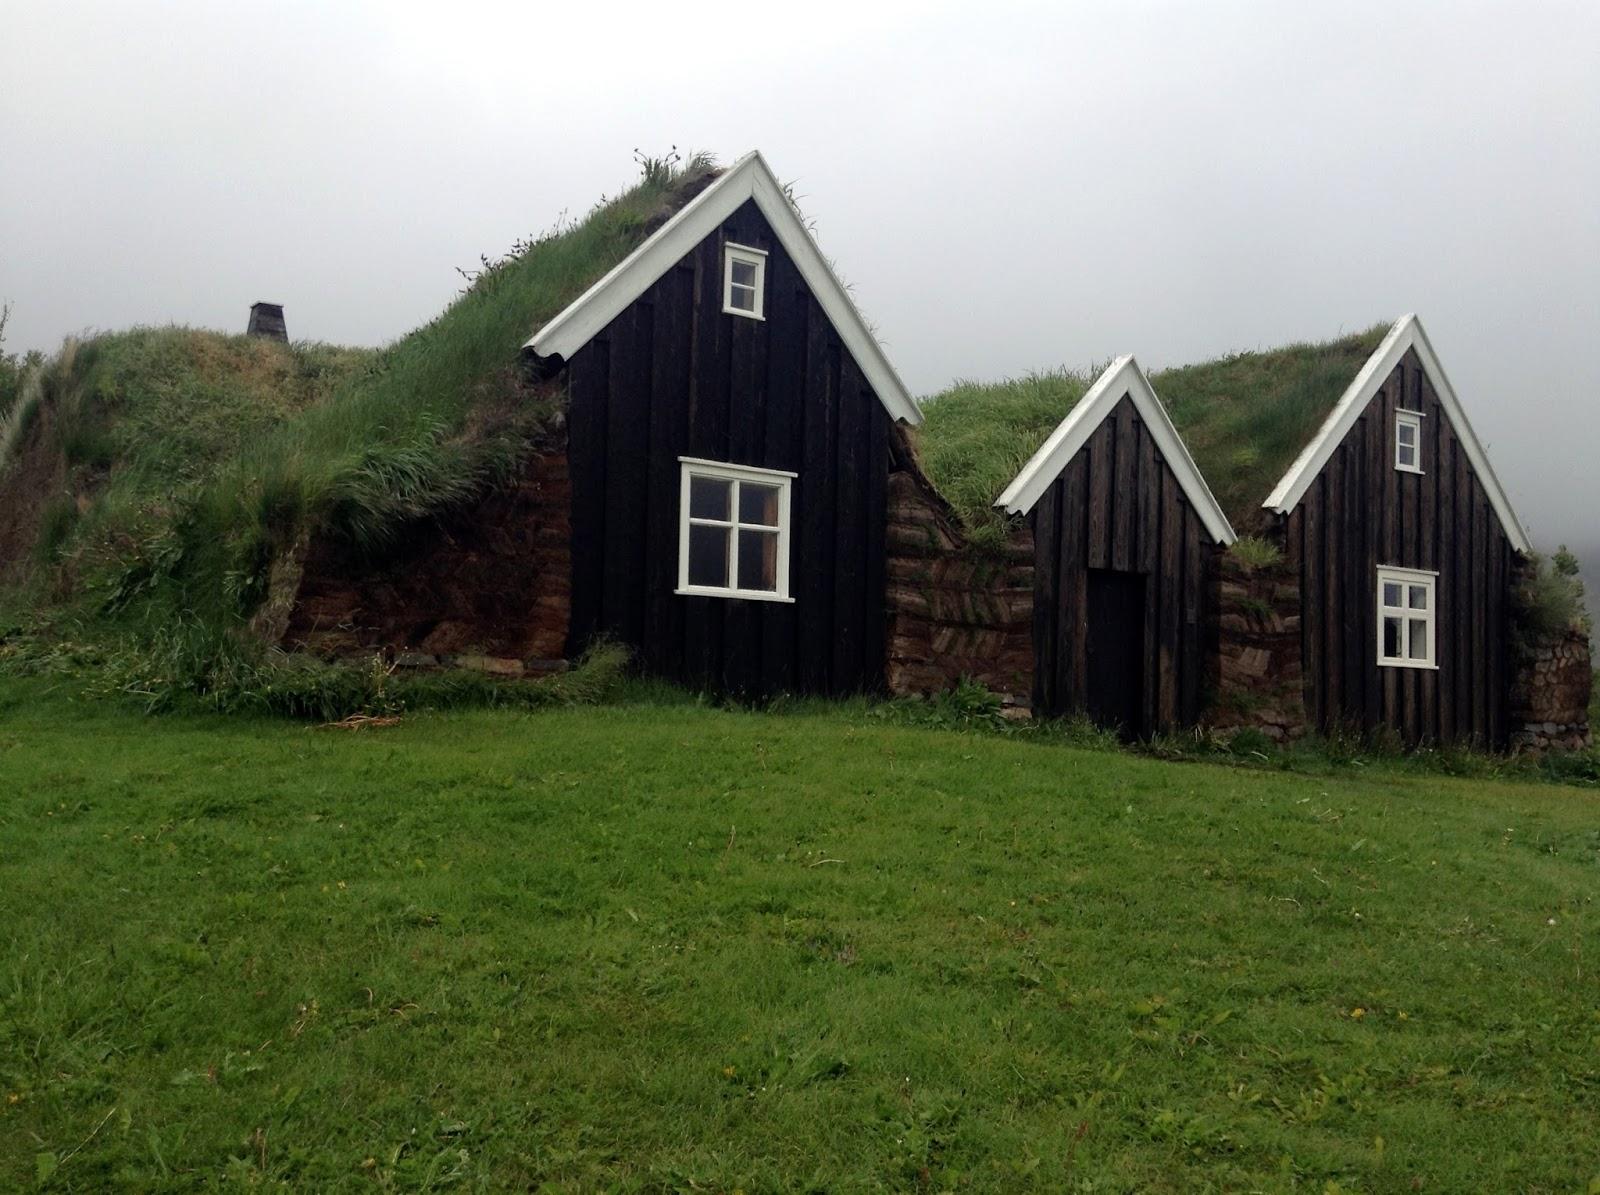 Viajar a ratos islandia de akureyri a reykiavik - Casas en islandia ...